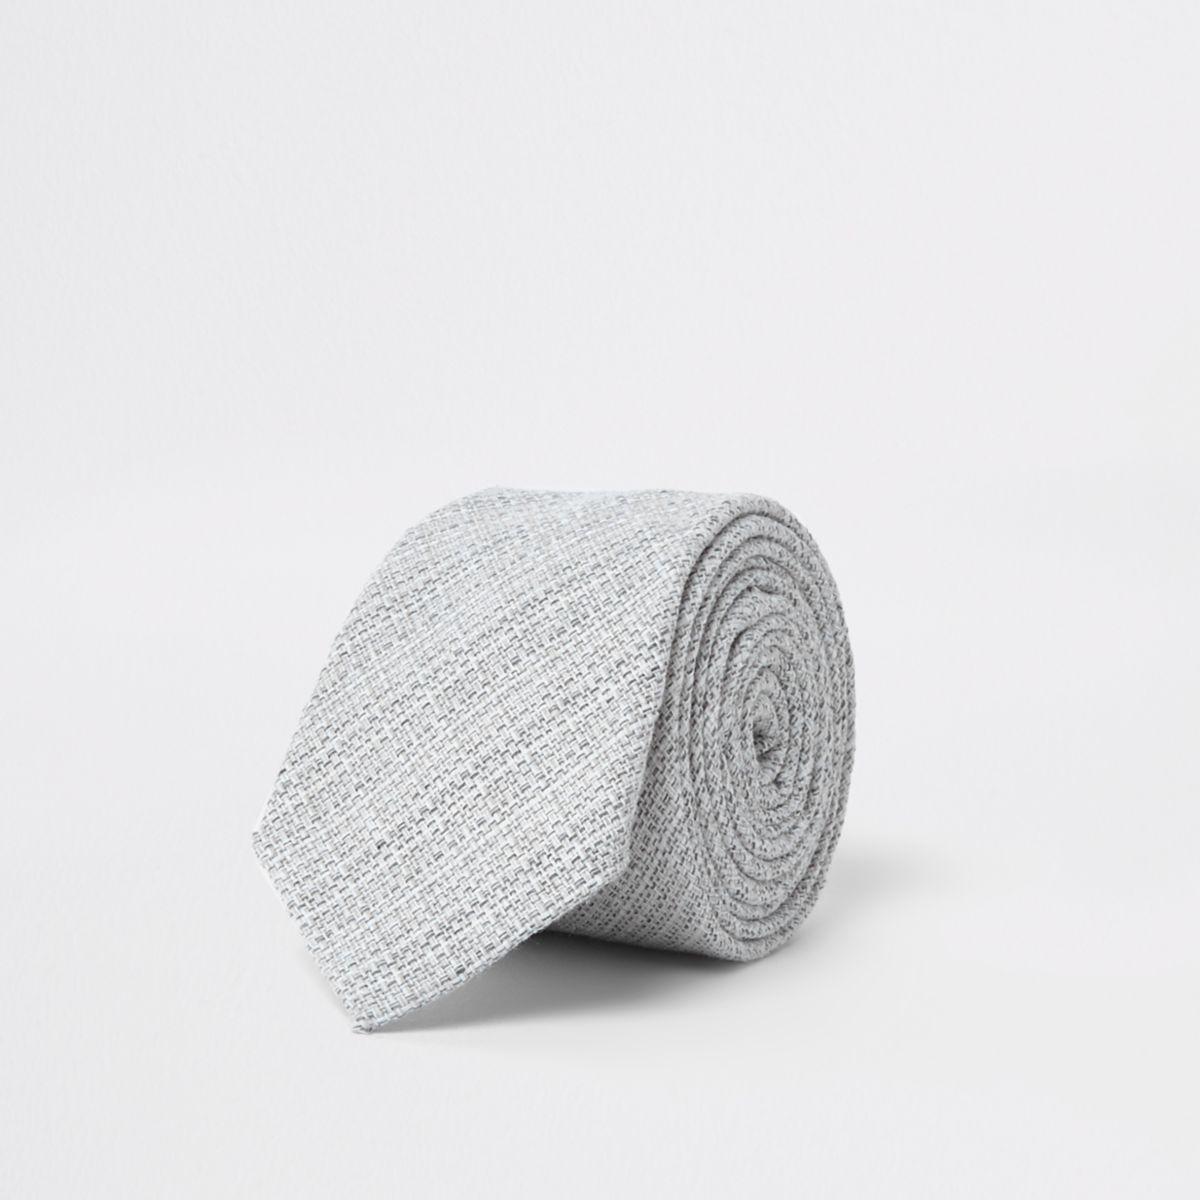 Grey tie scratchy texture